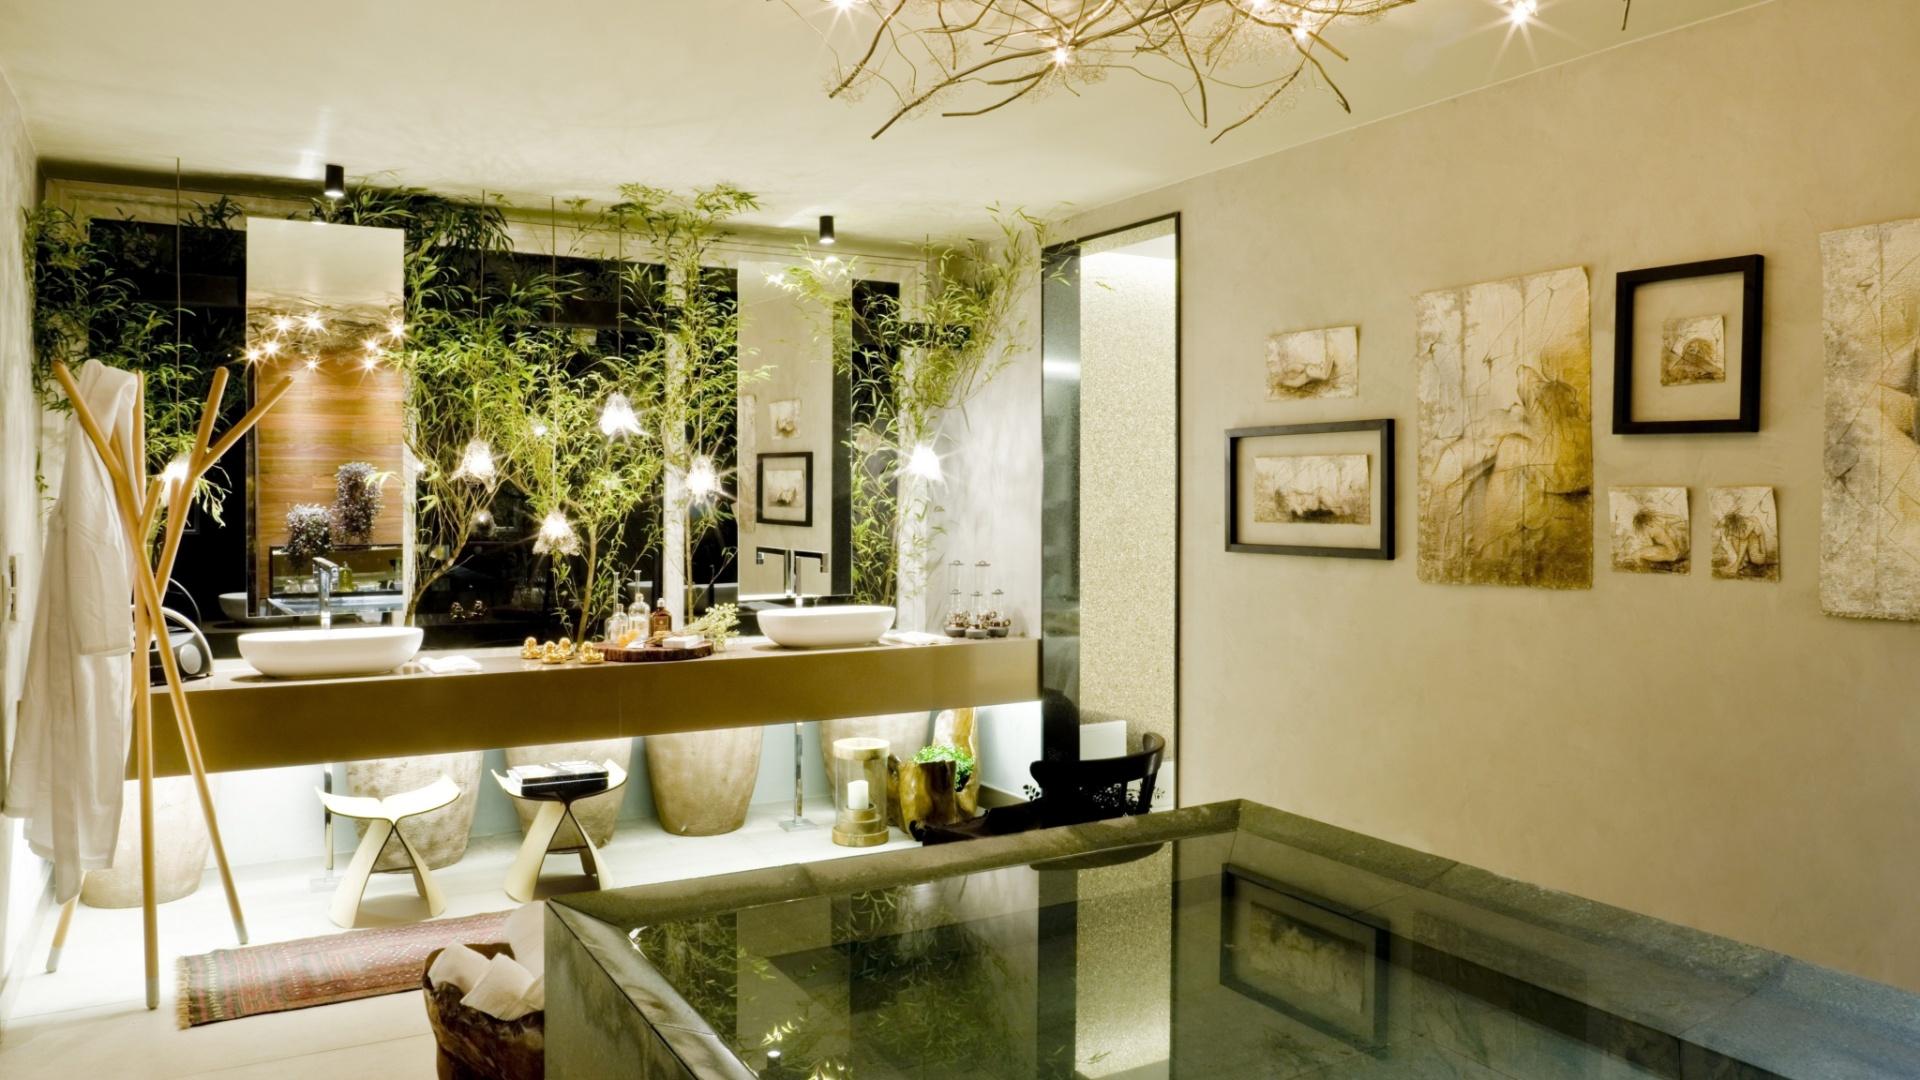 As arquitetas Andressa Lima e Daniela Cardim assinam o Banho do Casal, ambiente de 22 m² inspirado em spas de hotéis e resorts. A 17ª Casa Cor Goiás, que abre as edições do ano da franquia no país, segue até dia 25 de junho de 2013, no Setor Marista, em Goiânia